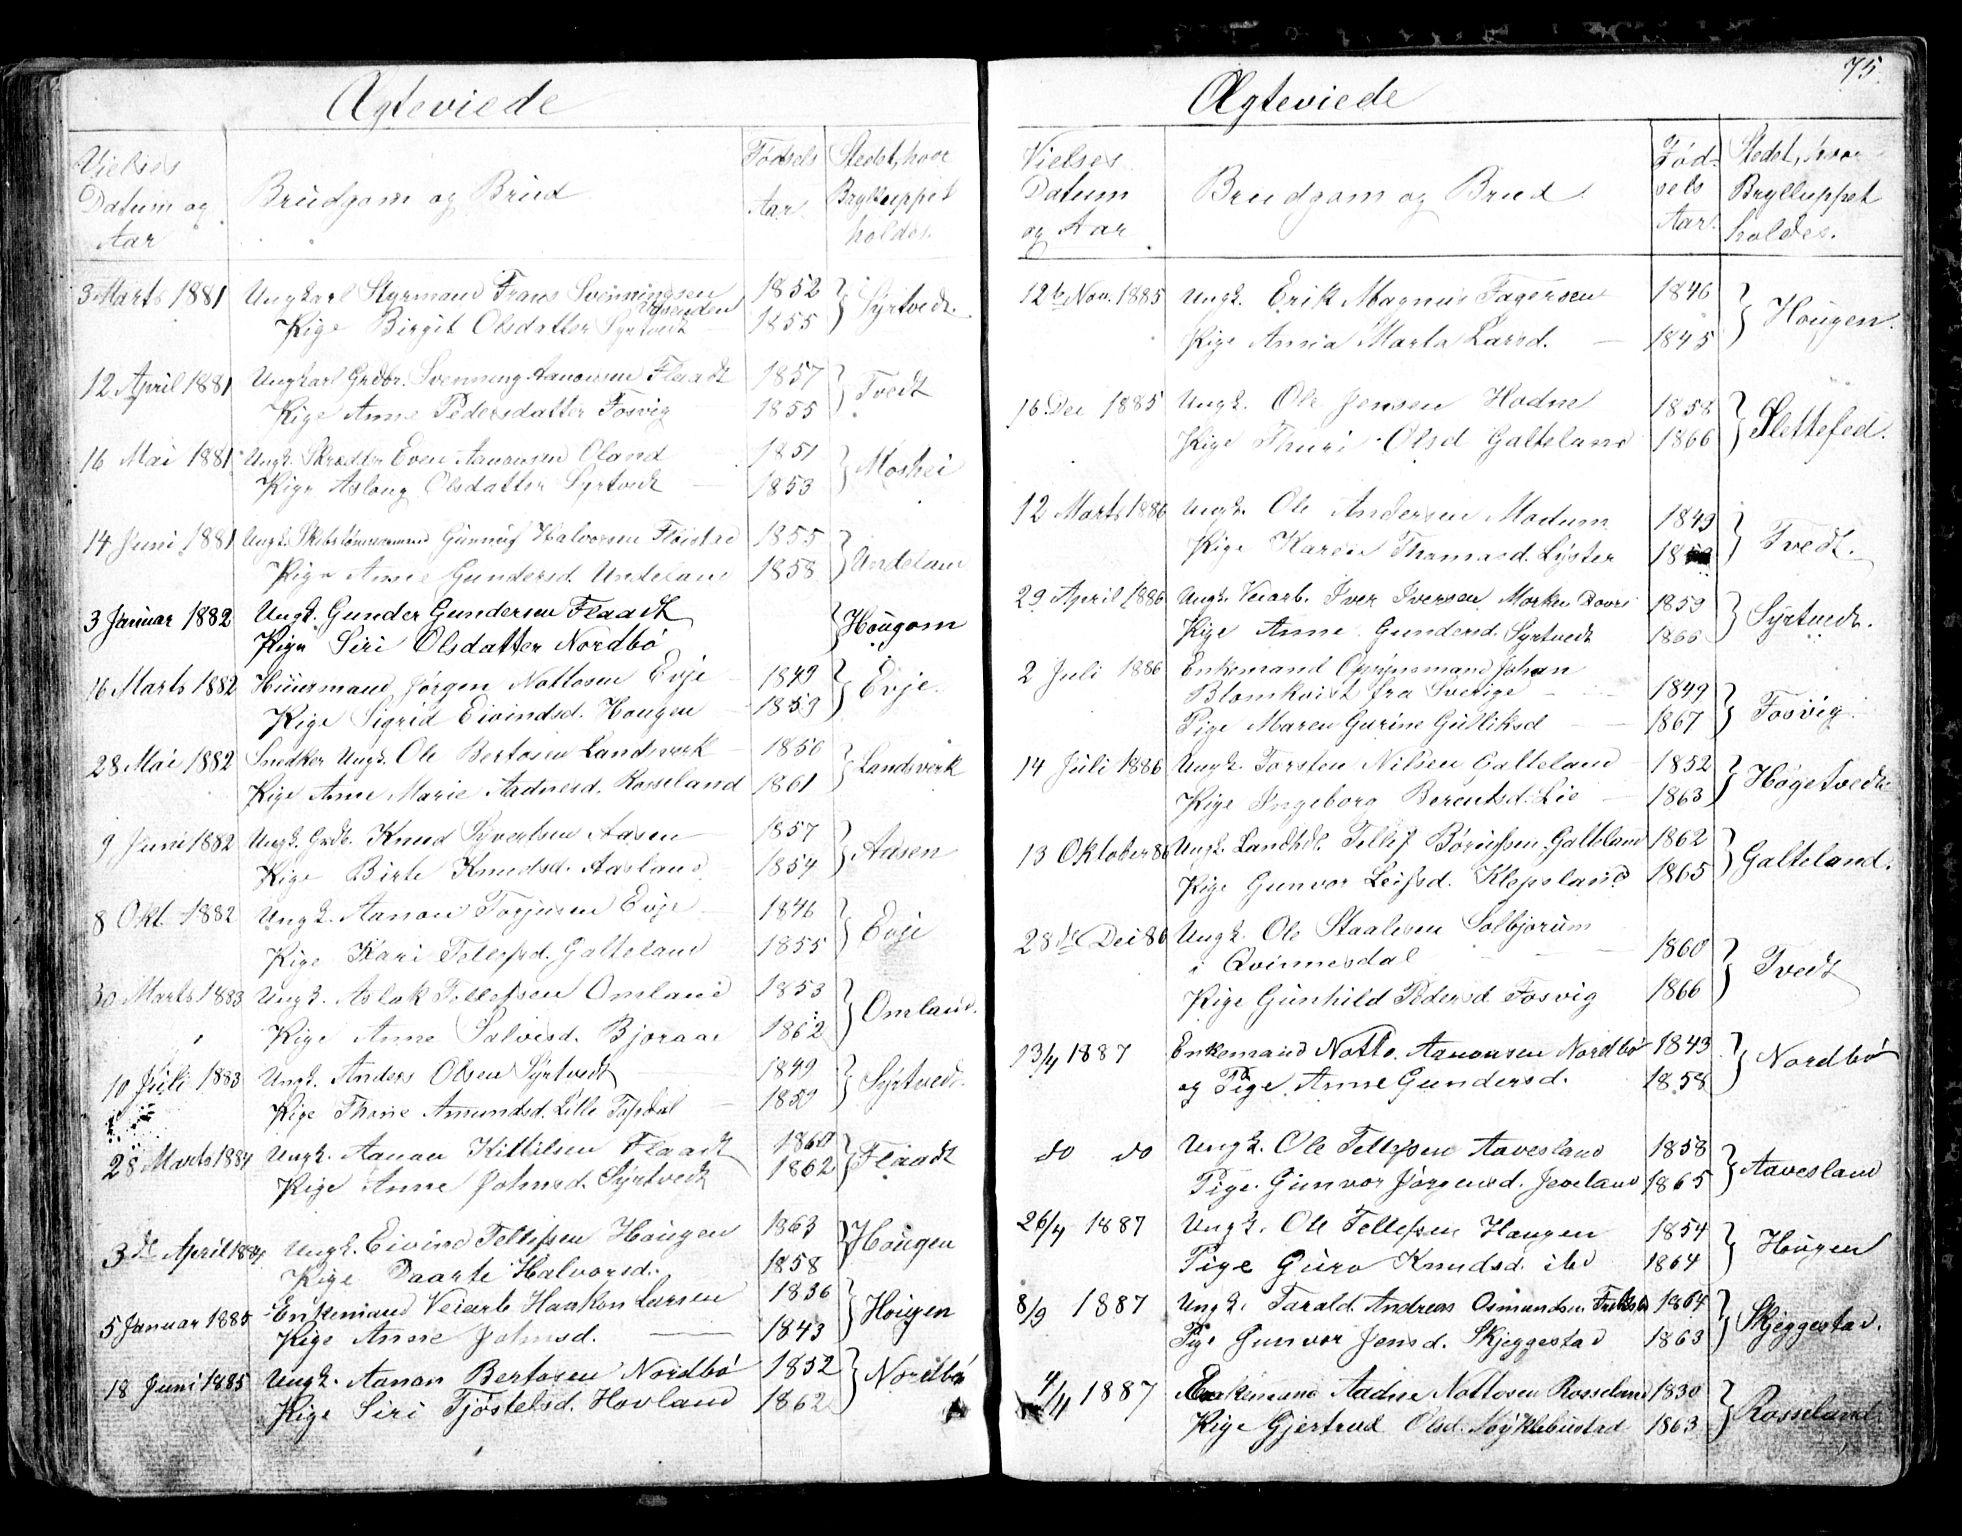 SAK, Evje sokneprestkontor, F/Fb/Fba/L0002: Klokkerbok nr. B 2, 1849-1896, s. 75